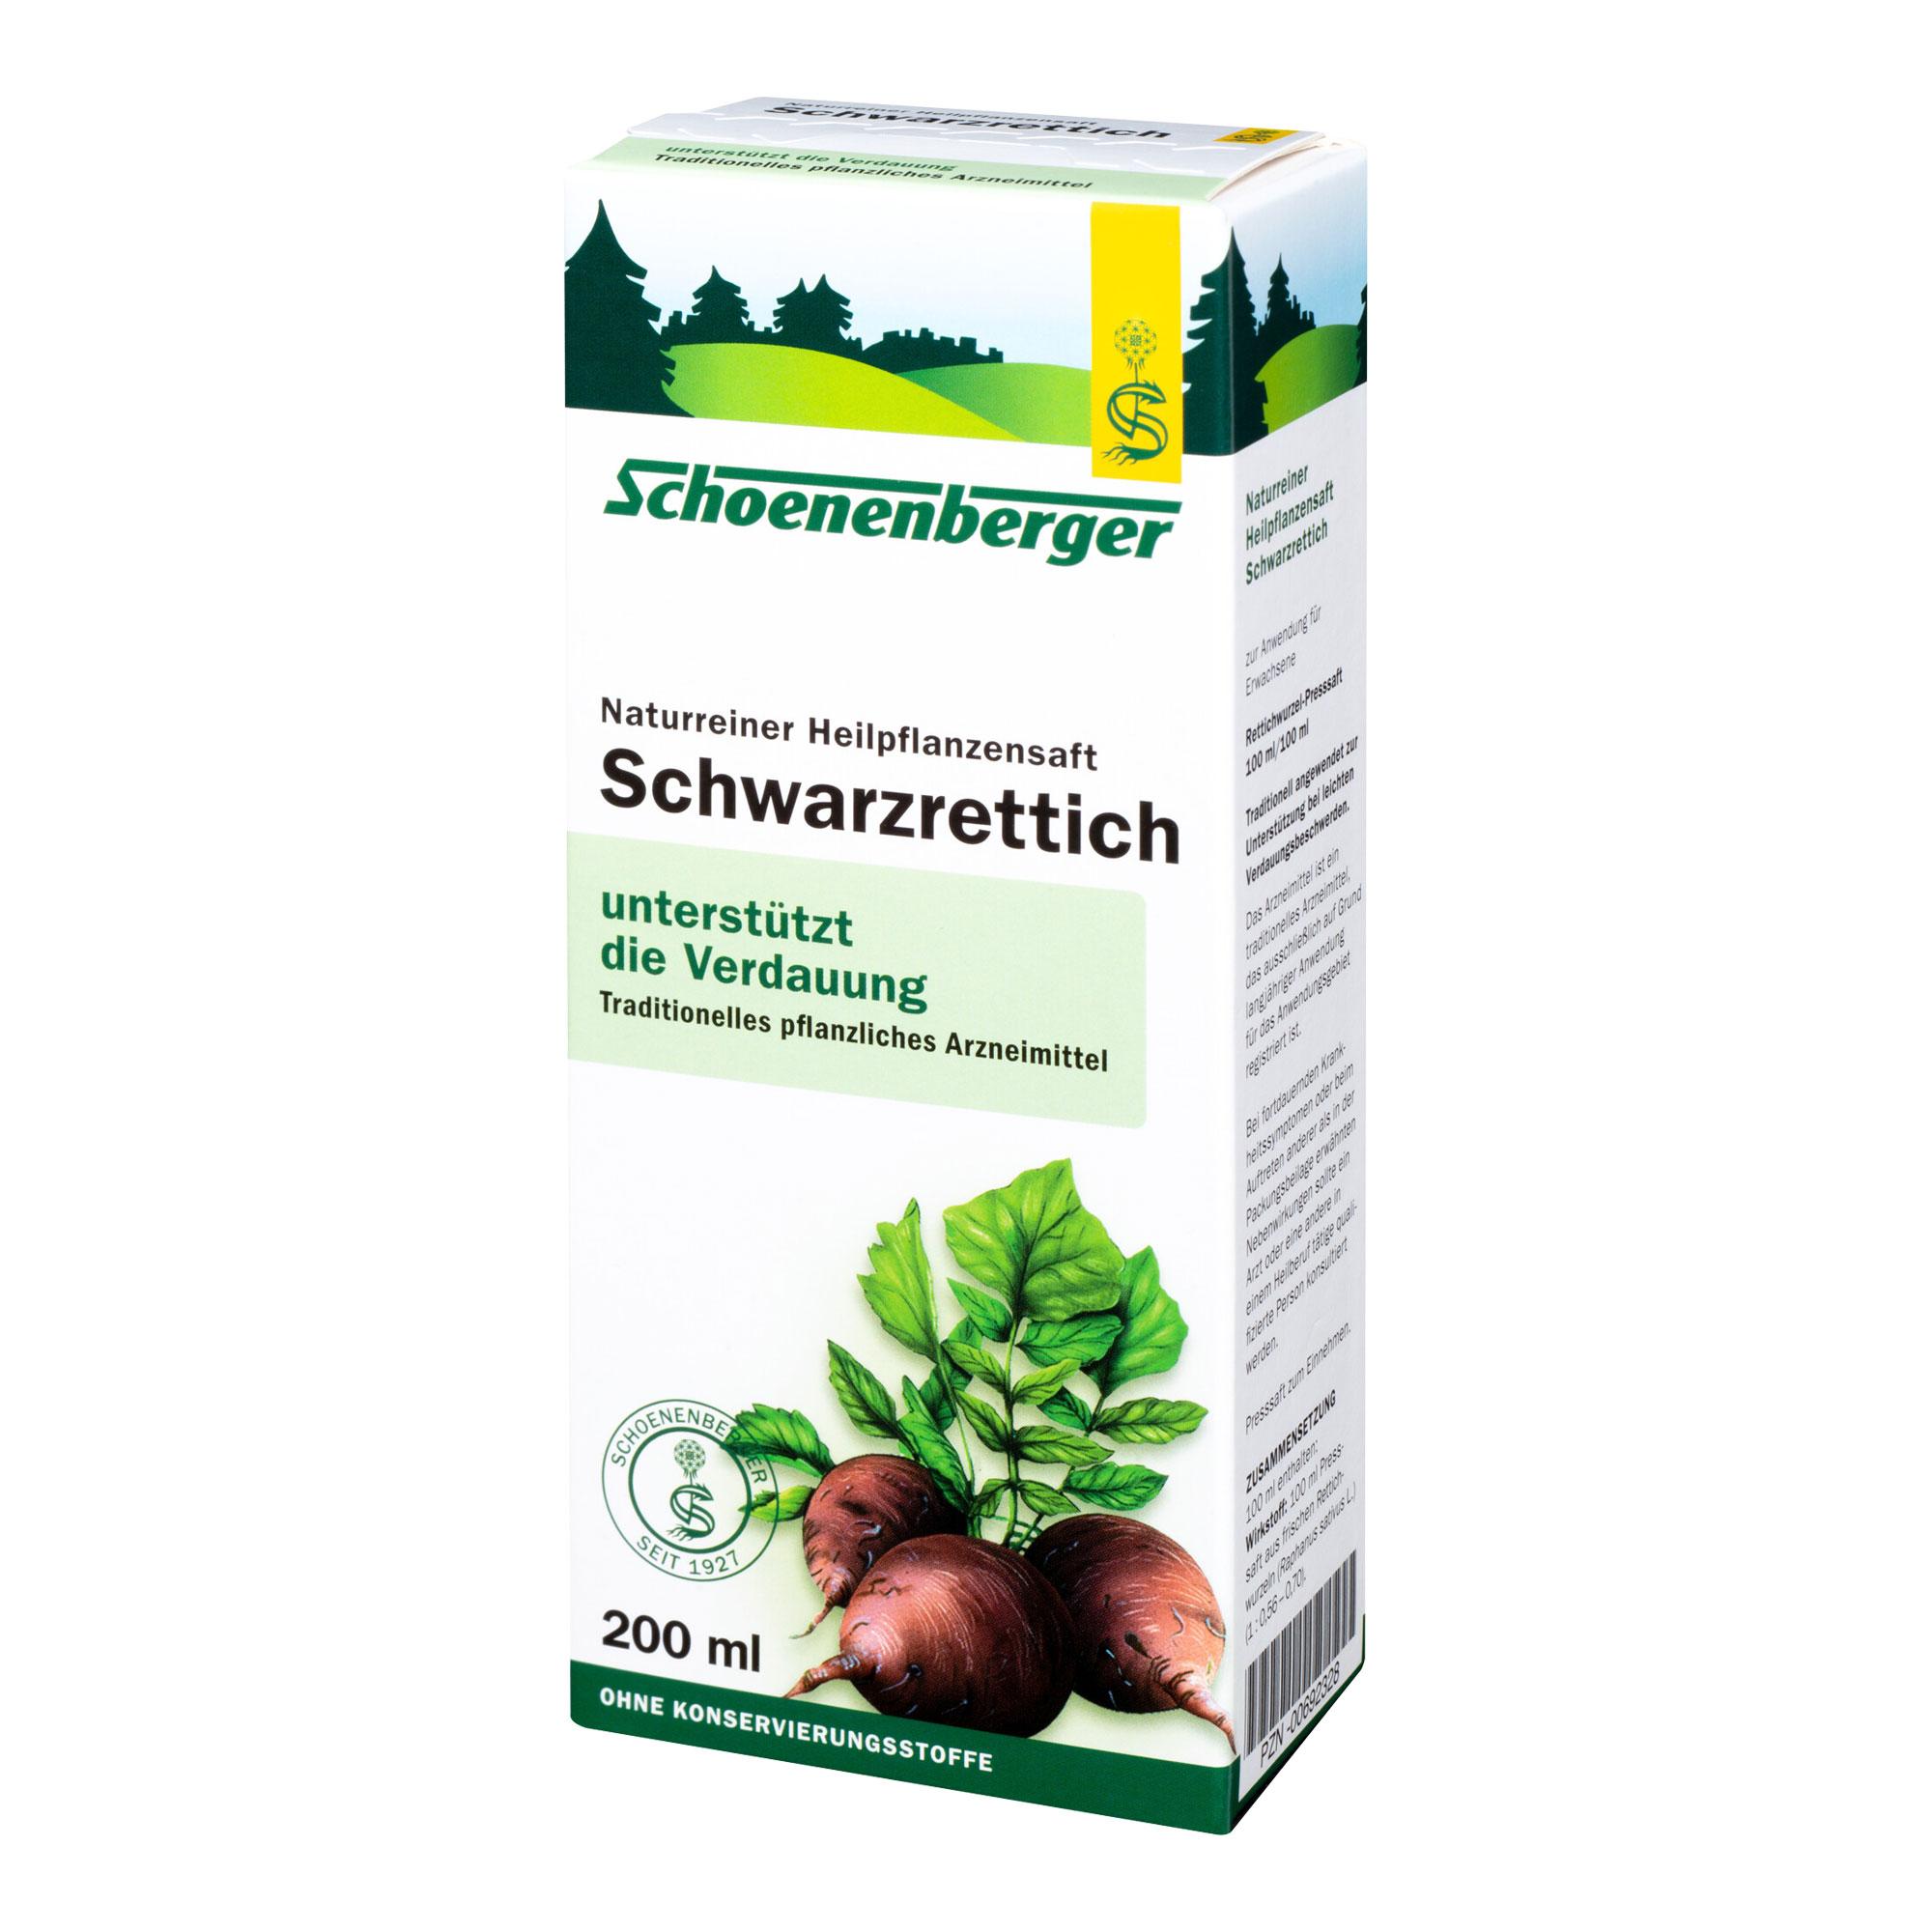 Schwarzrettich Saft Schoenenberger Heilpflanzensäfte